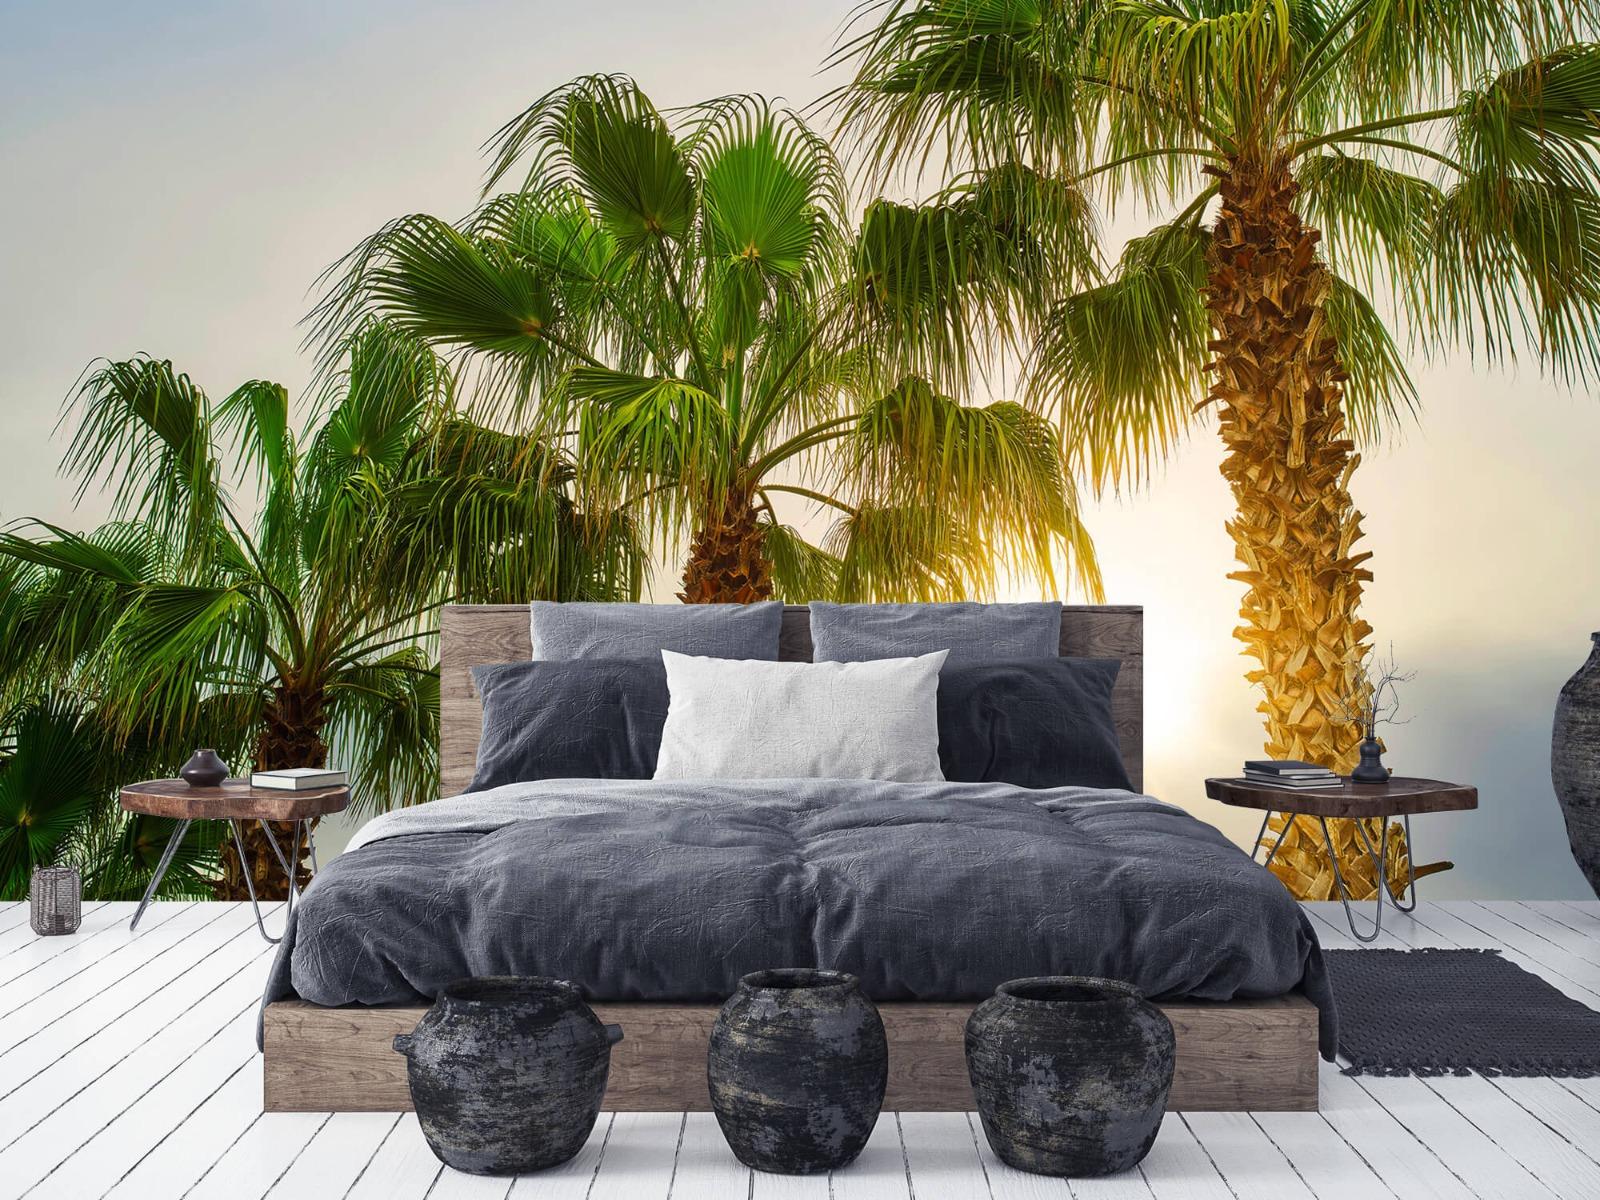 Palmbomen - Palmbomen met zon - Gang 6